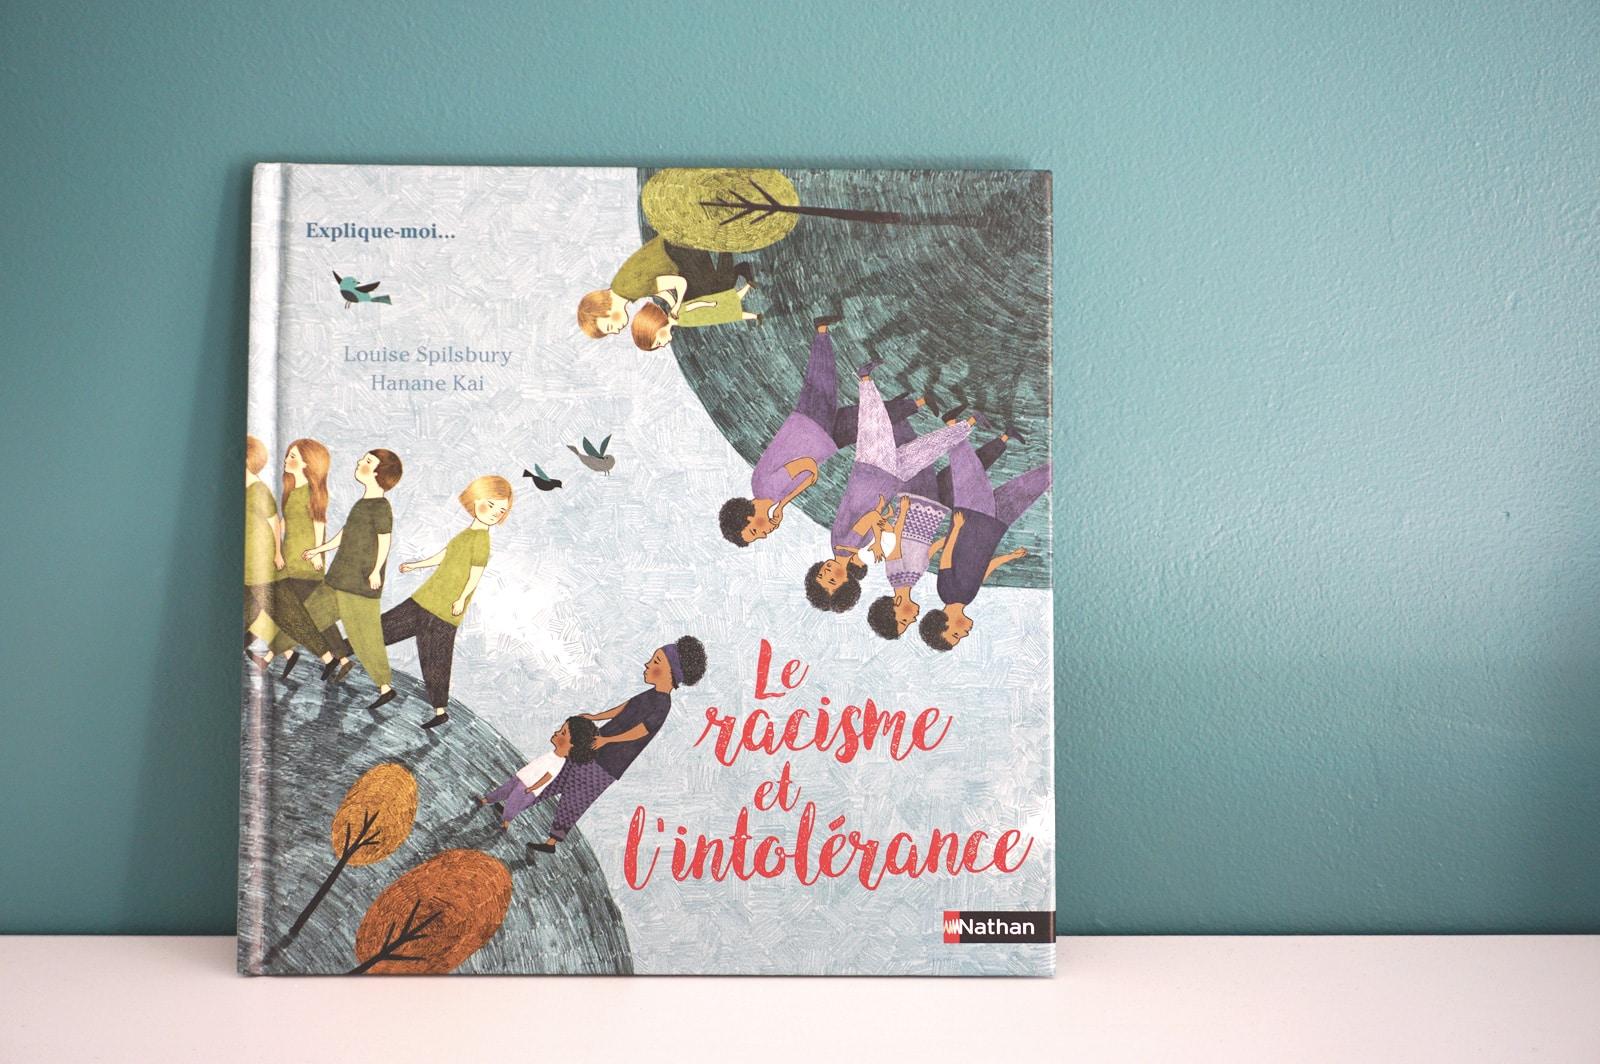 Un livre pour expliquer aux enfants le racisme et l'intolérance - Collection Explique-moi Nathan